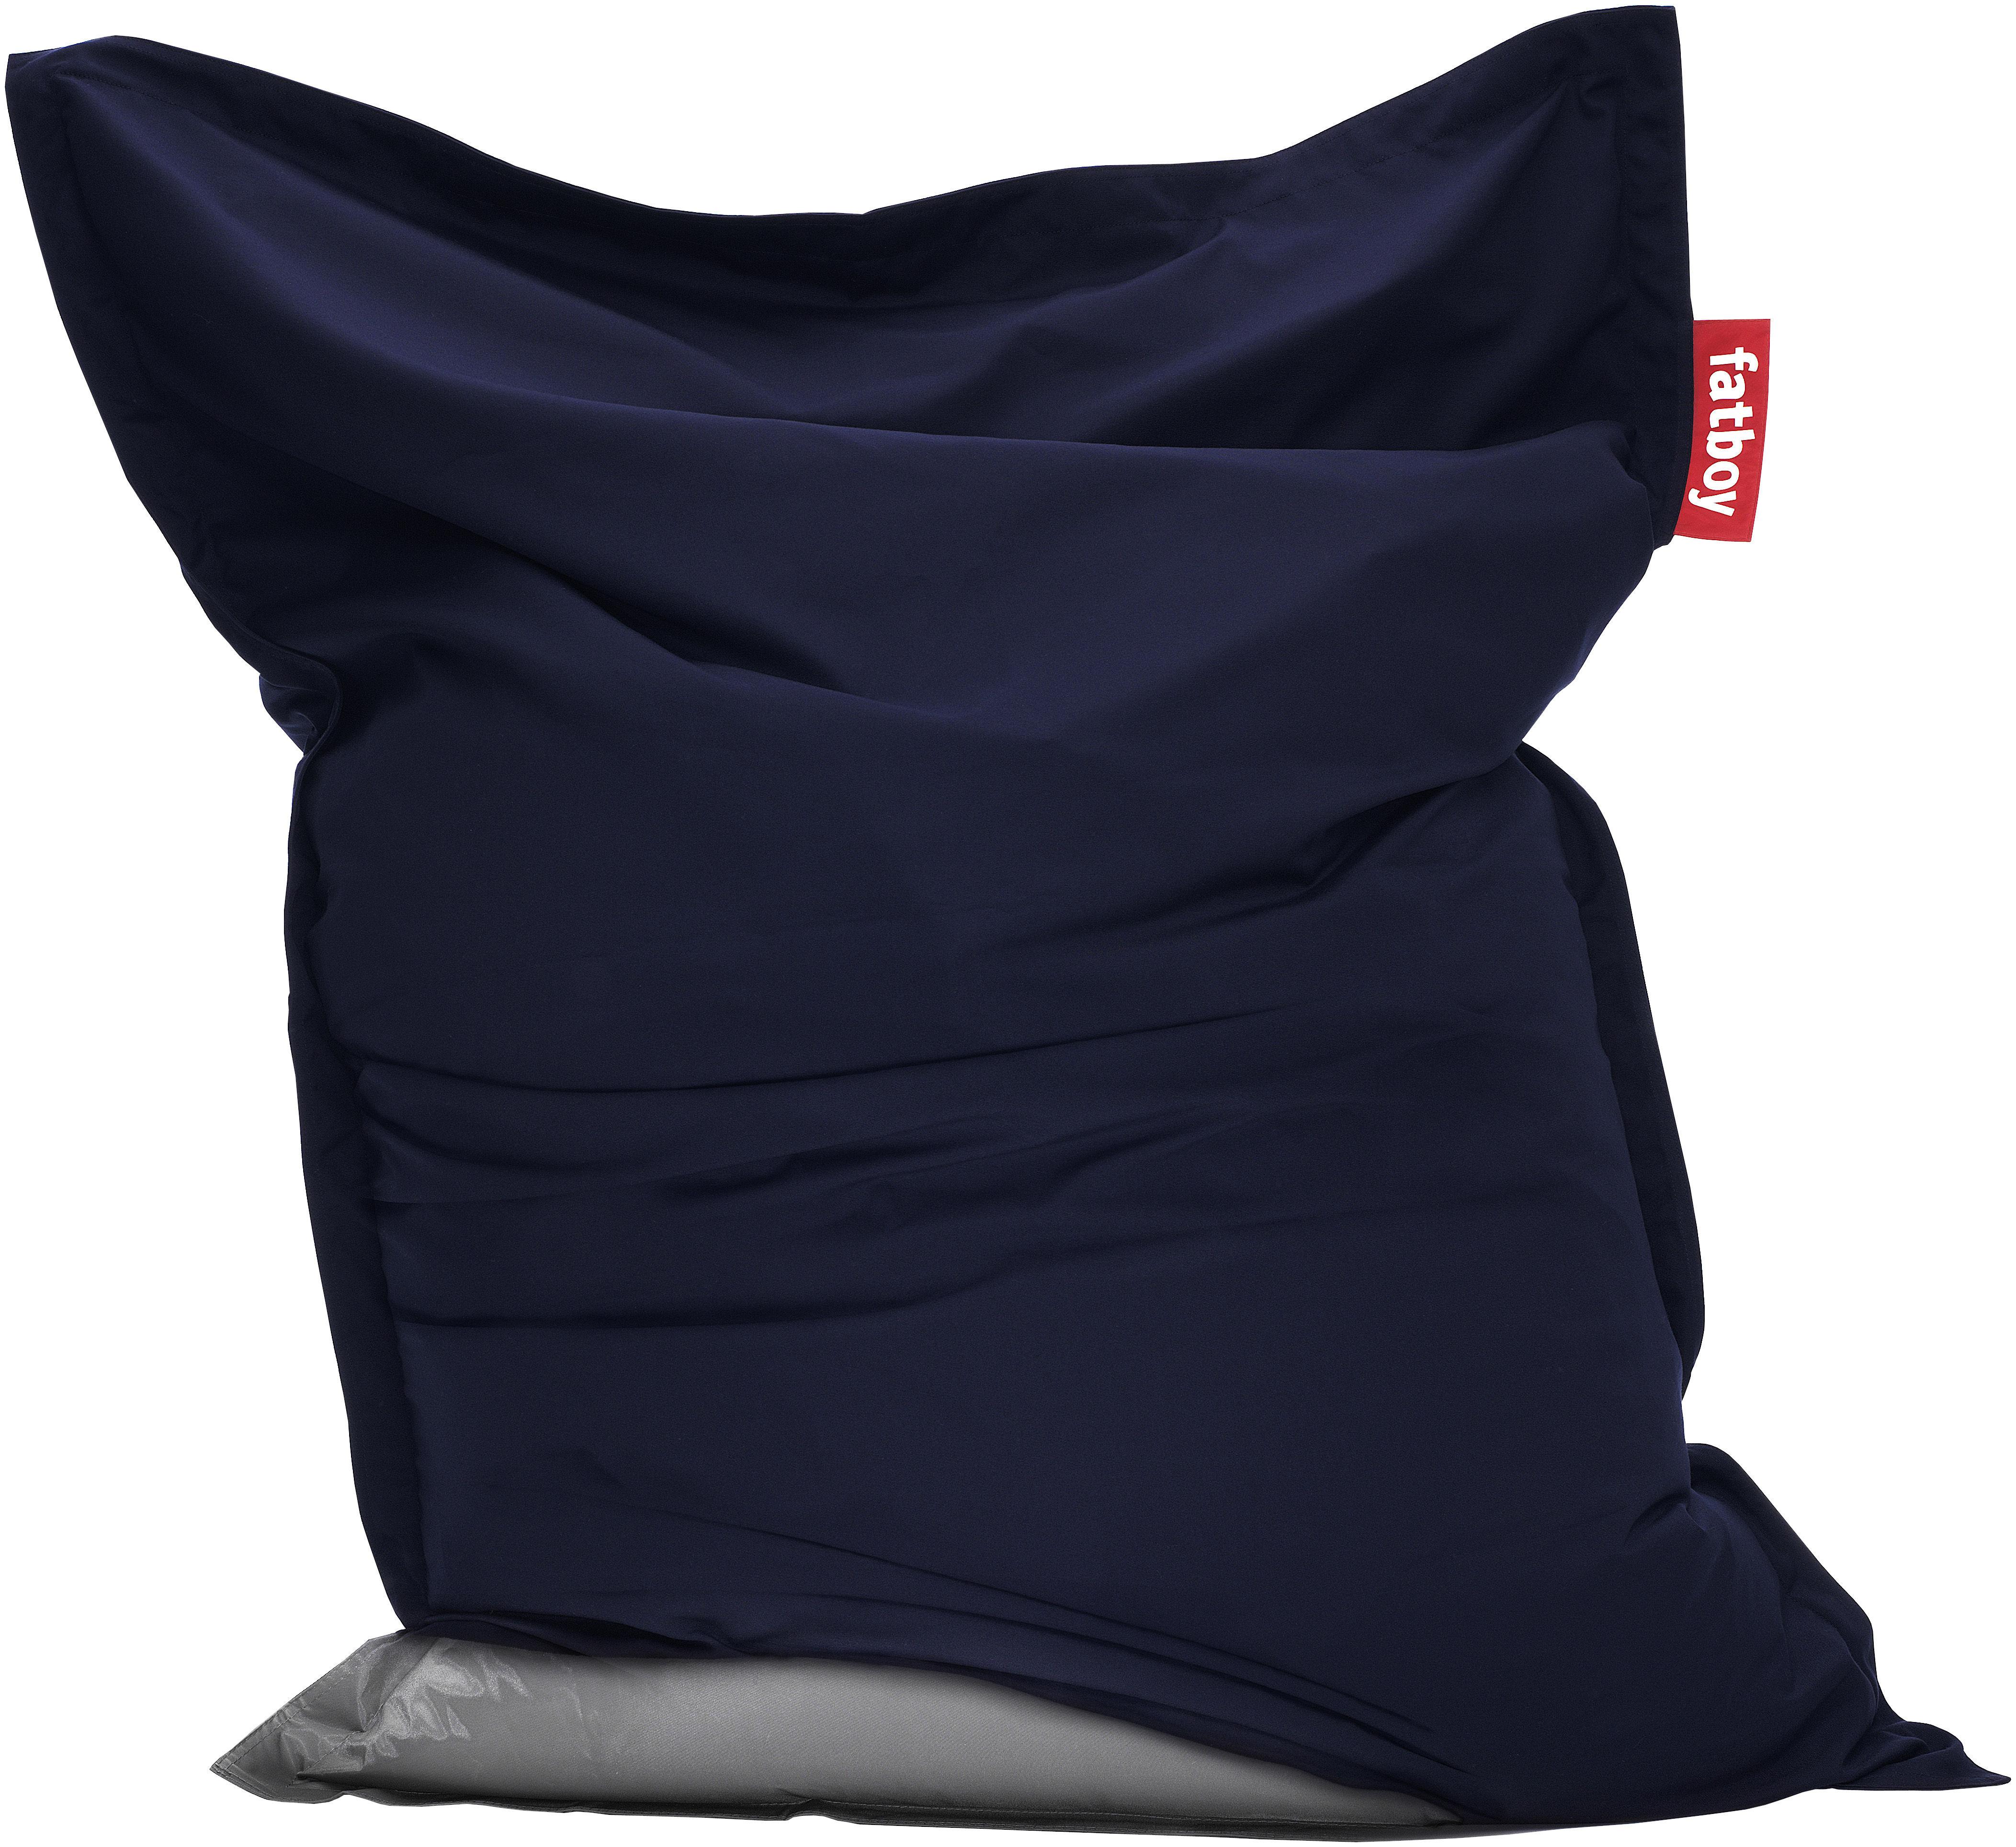 Housse Jacket / Pour pouf The Original Bleu marine   Fatboy   Made